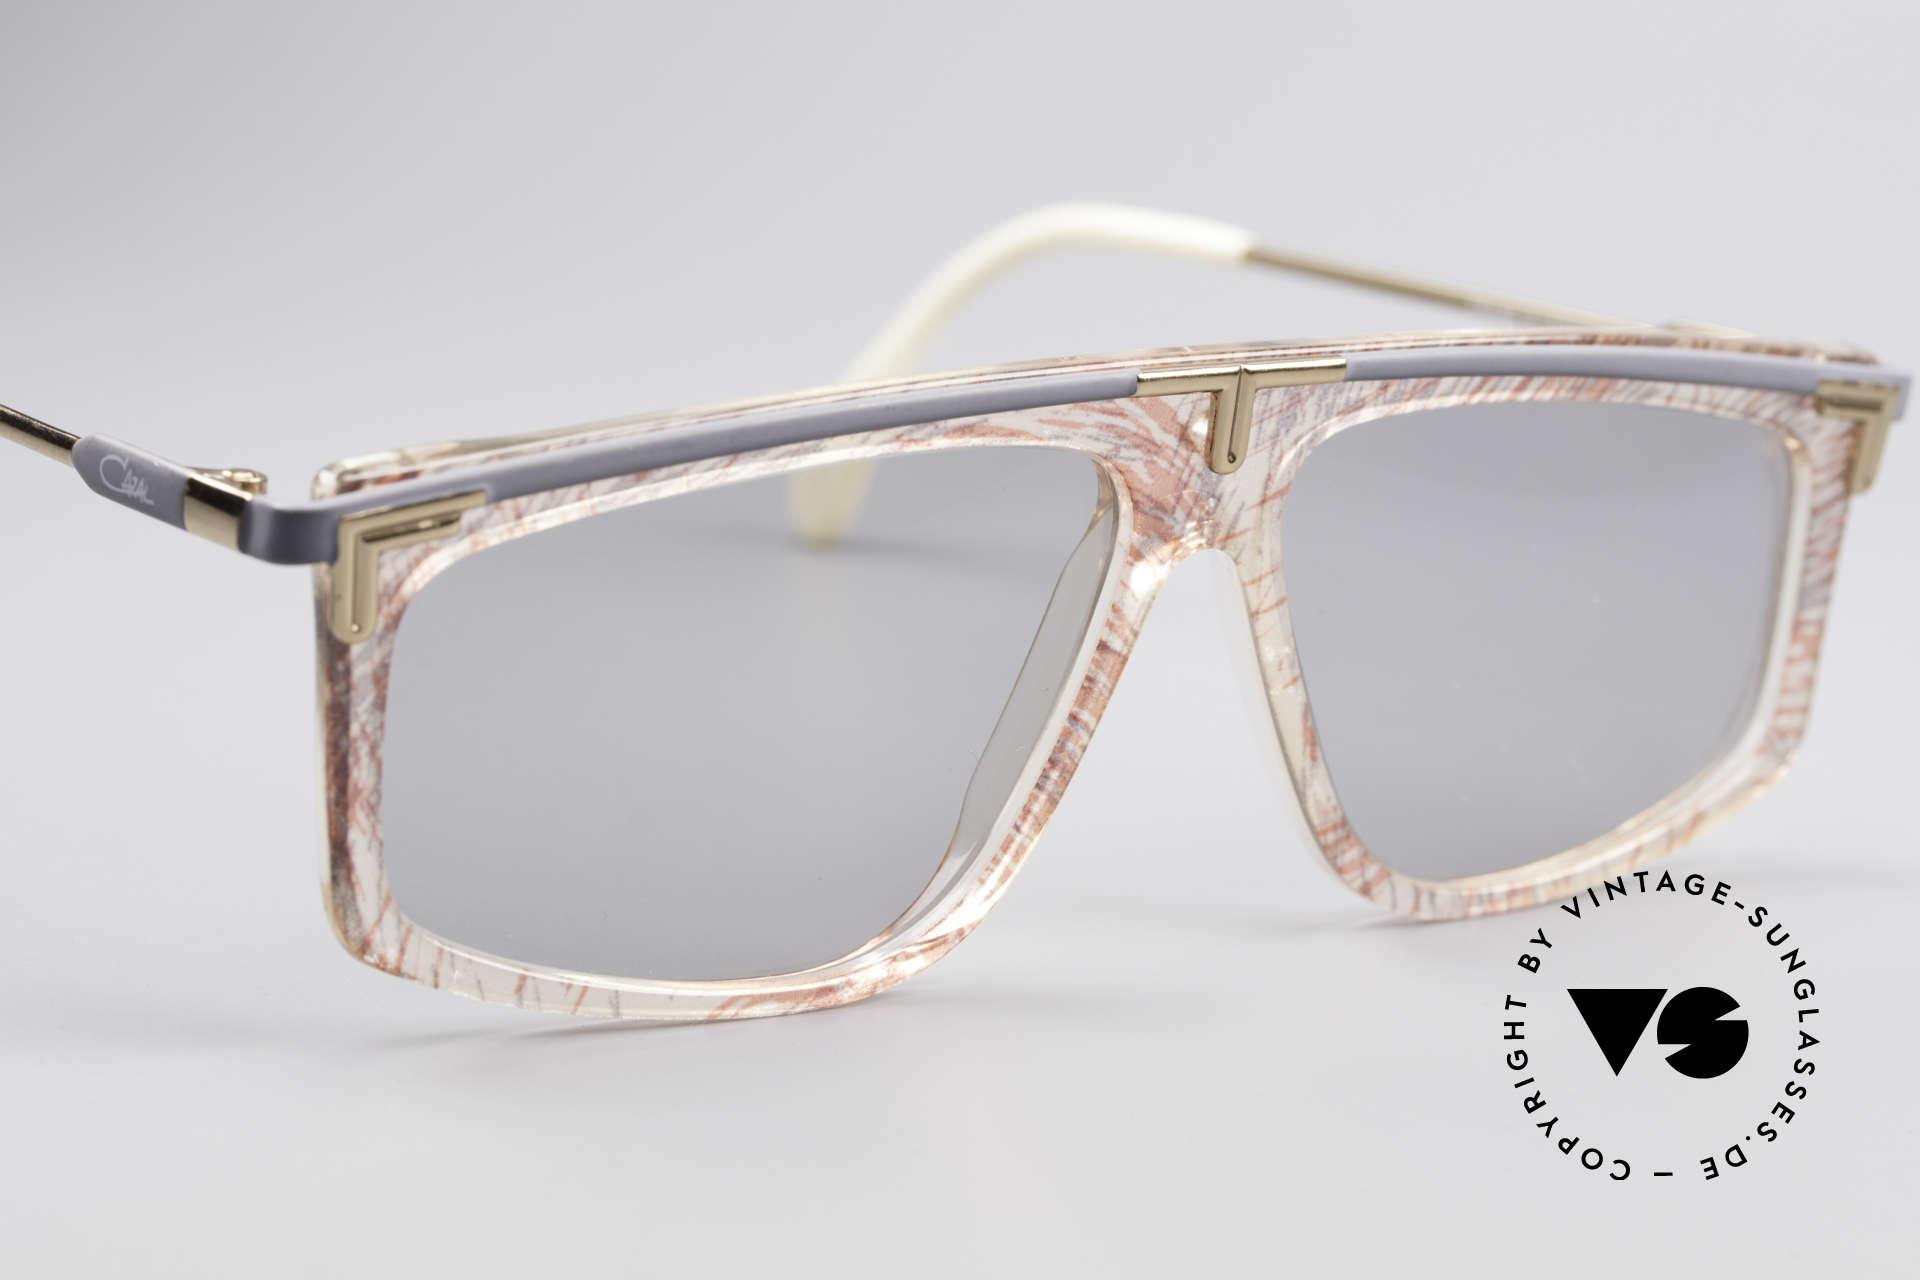 Cazal 190 80er Hip Hop Sonnenbrille, heute als HipHop Brille / Old School Brille bezeichnet, Passend für Herren und Damen